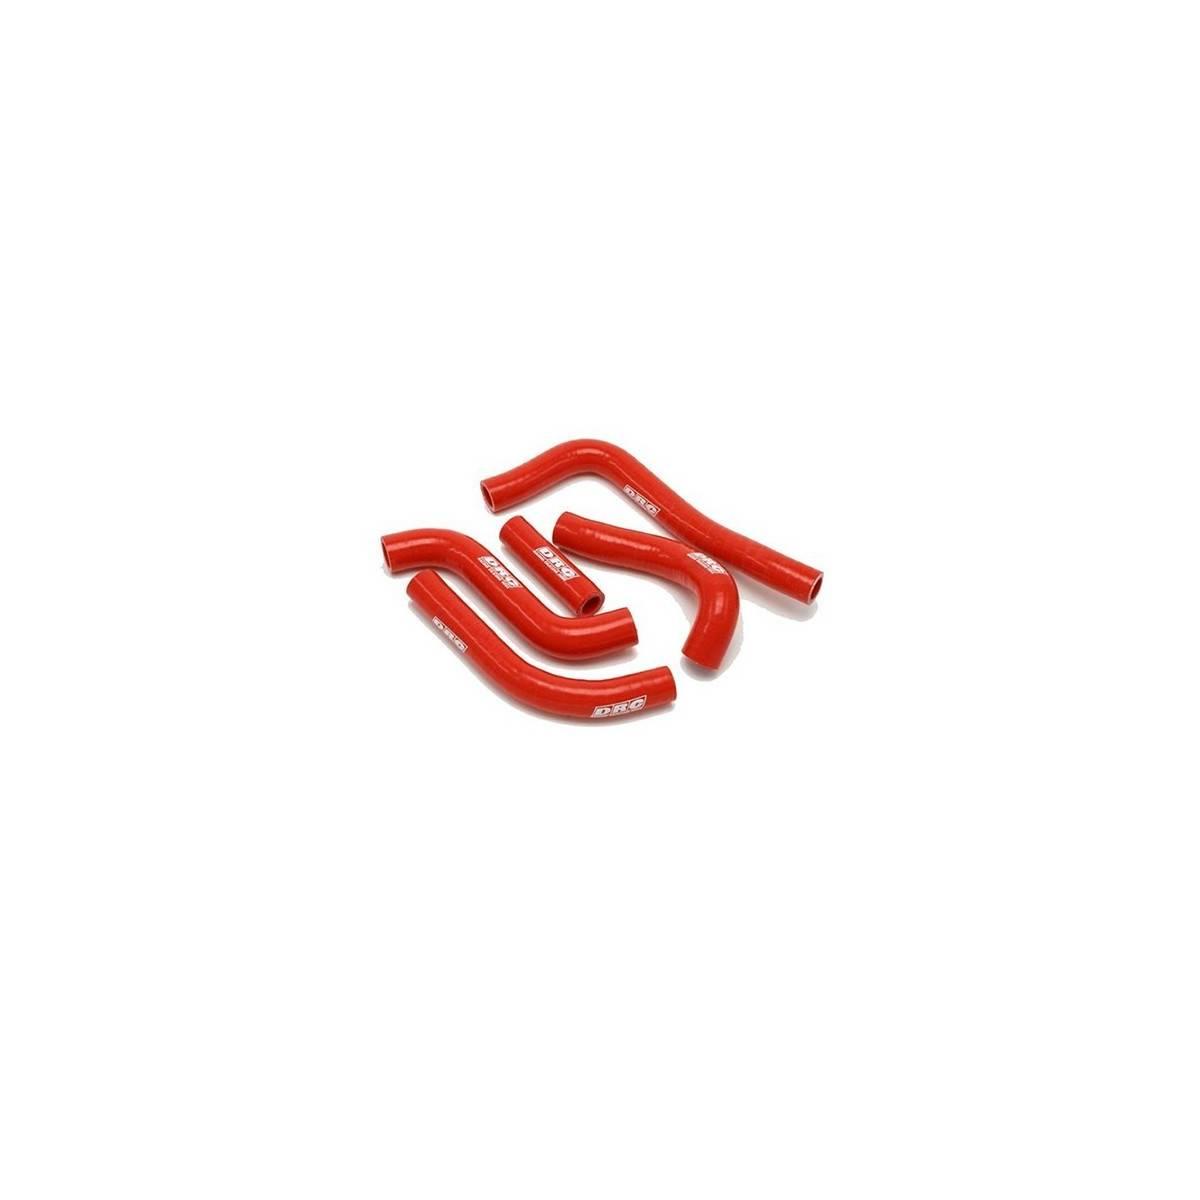 D47.01.443 - Kit Manguitos Radiador Suzuki Rmz250´07-09 Rojo